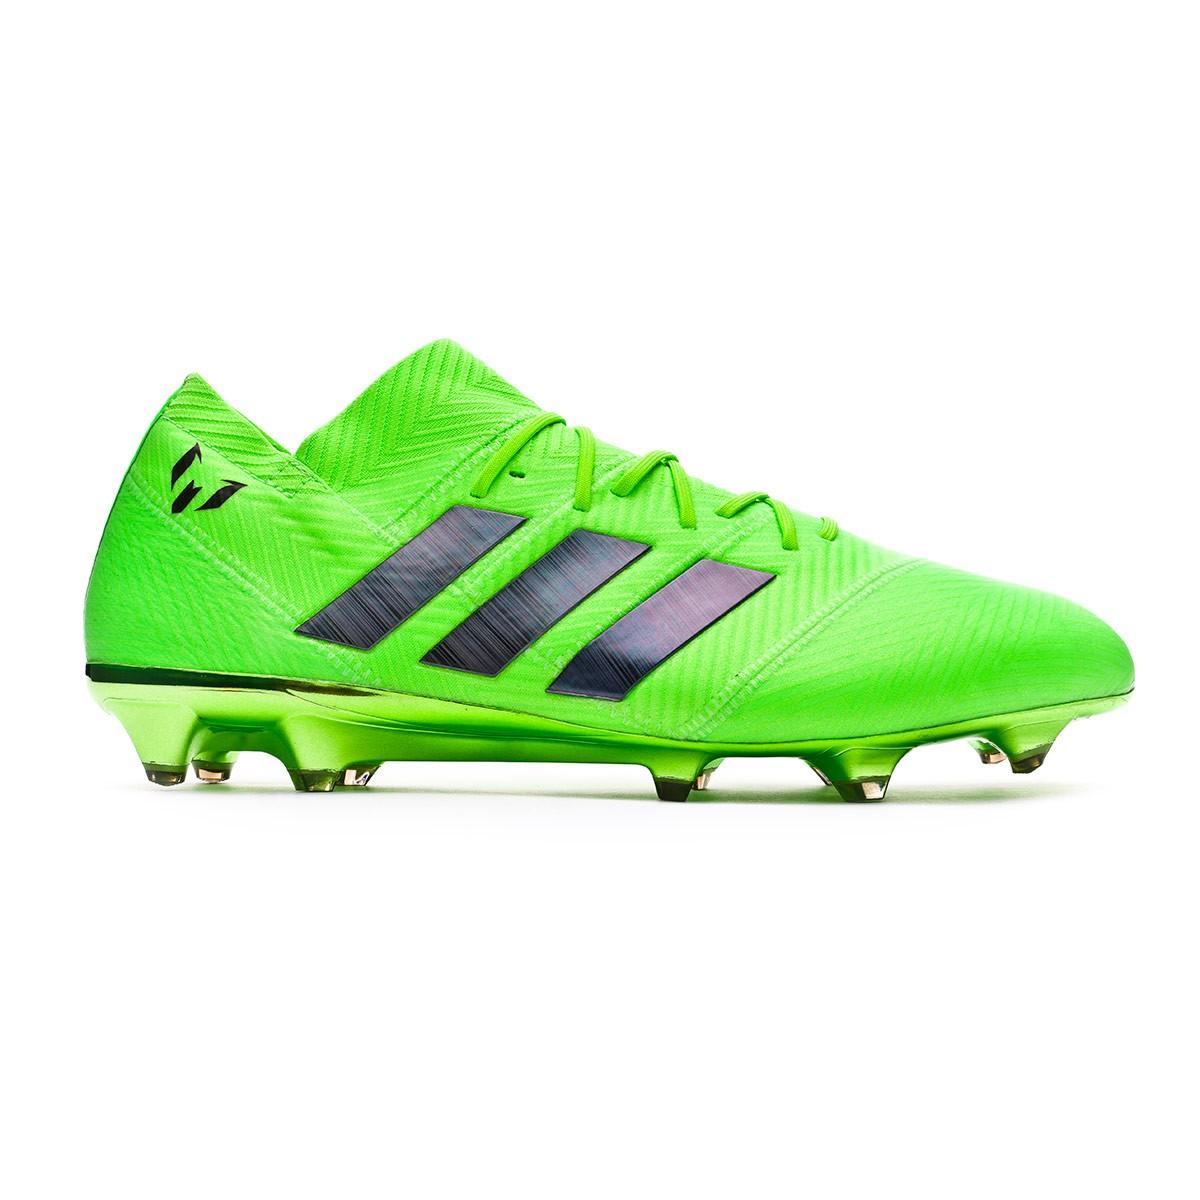 Black Zapatos Nemeziz De Fútbol Fg Green 18 Solar Adidas Messi 1 rECoWxBeQd